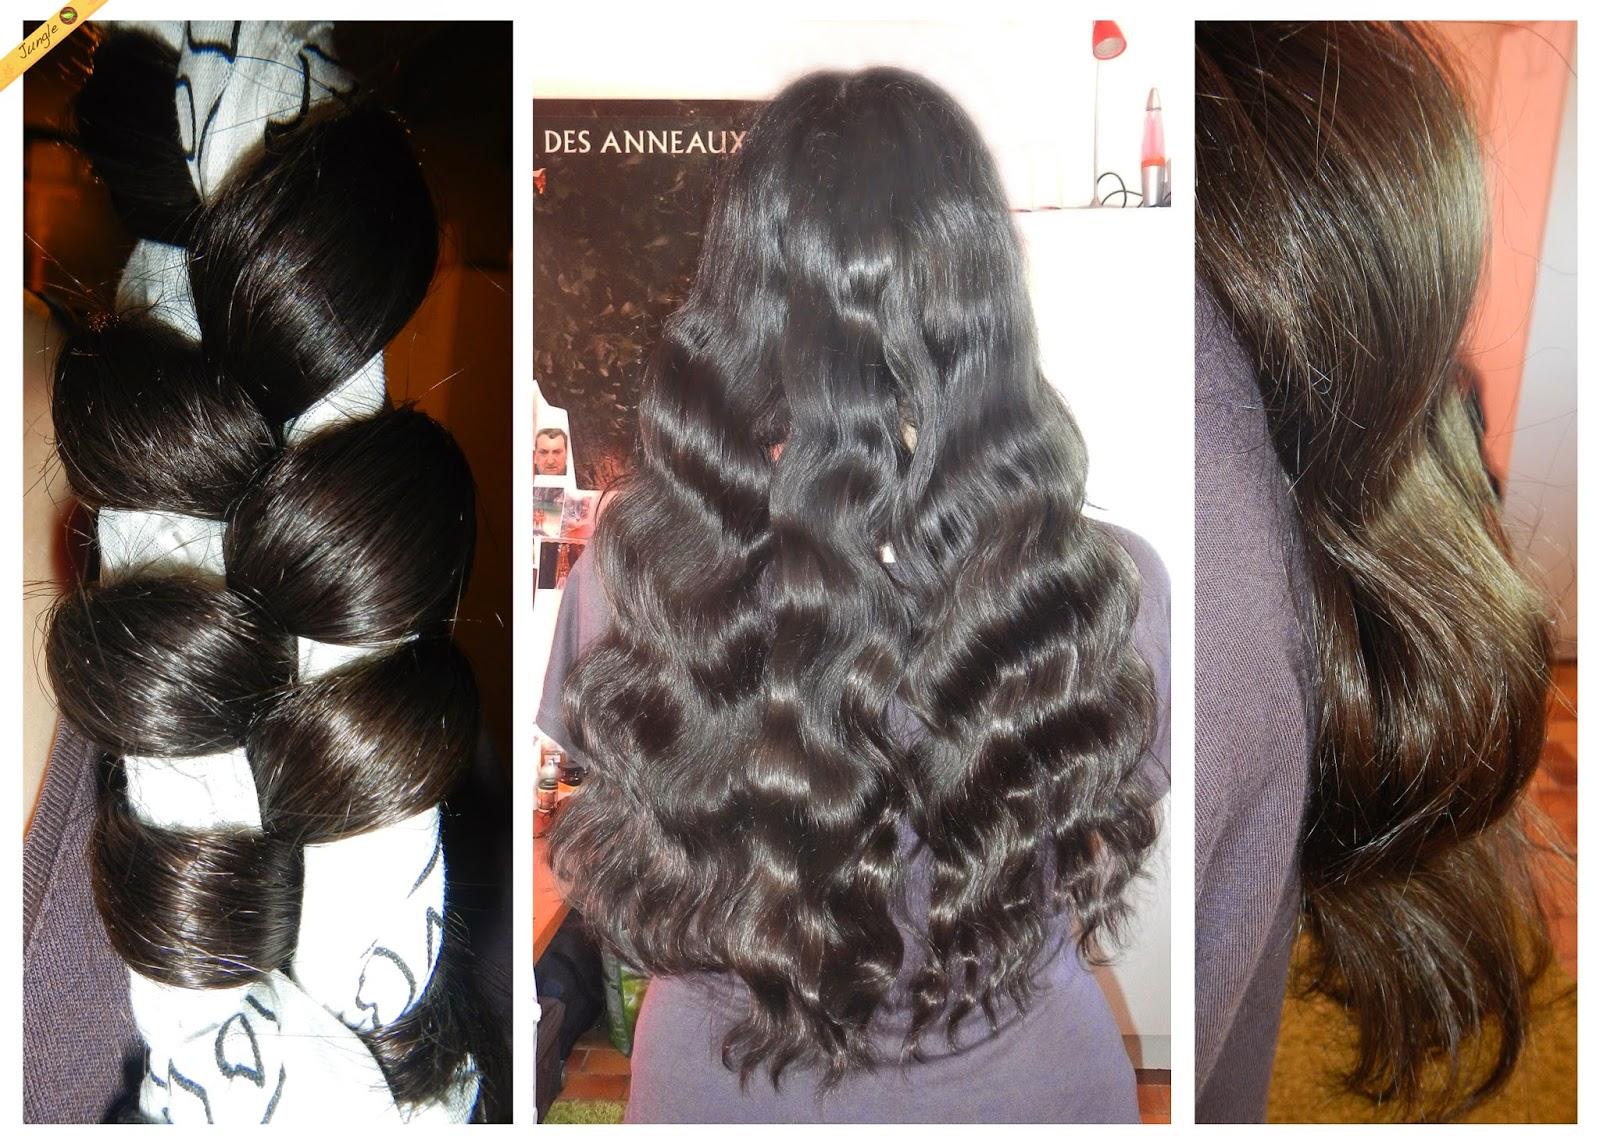 Exceptionnel Jungle's Hair : de beaux cheveux au naturel: 9 techniques simples  OG81